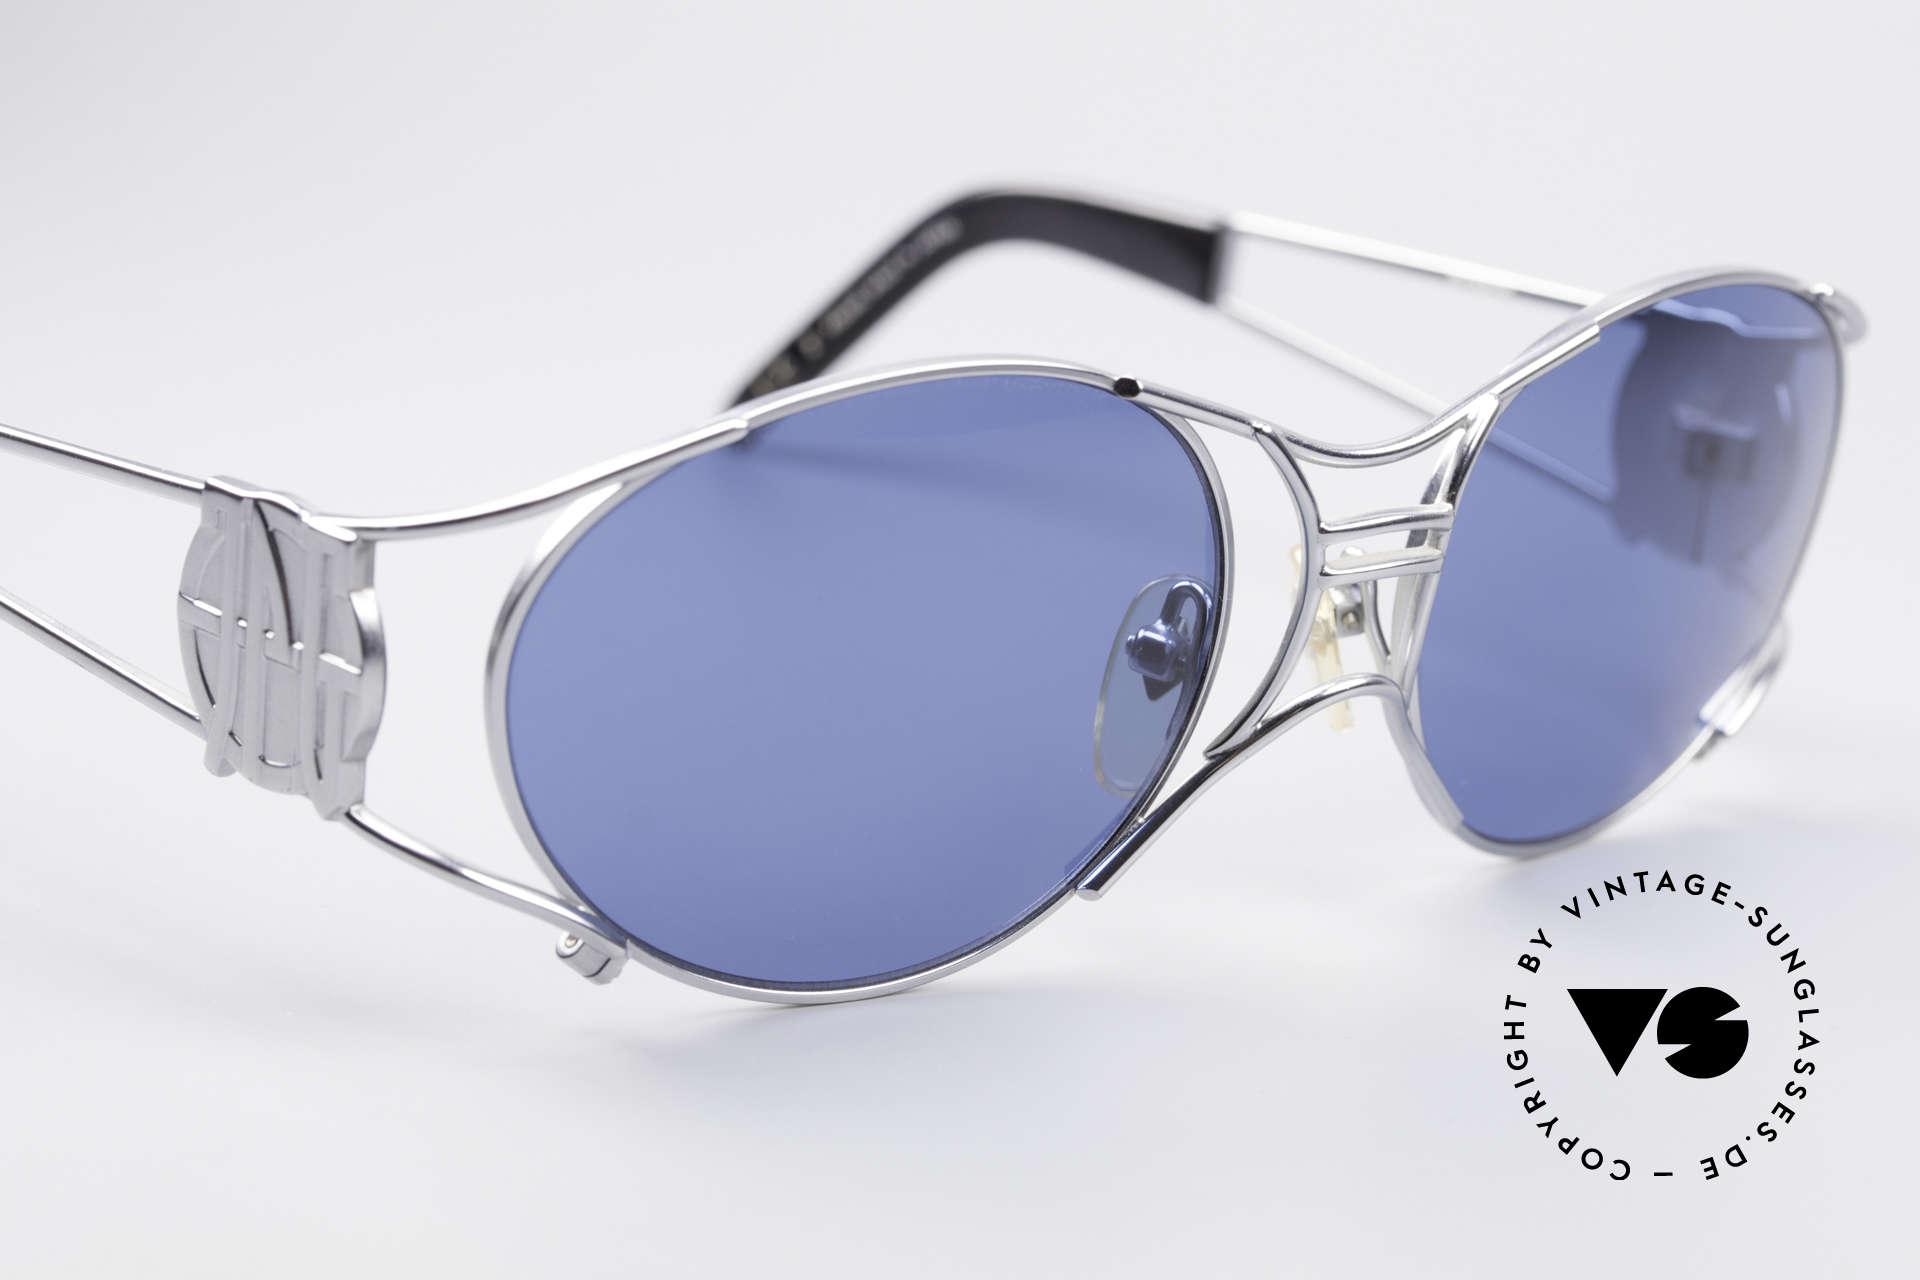 Jean Paul Gaultier 58-6101 JPG Steampunk Sonnenbrille, ungetragenes Original (Hingucker & Sammlerstück), Passend für Herren und Damen